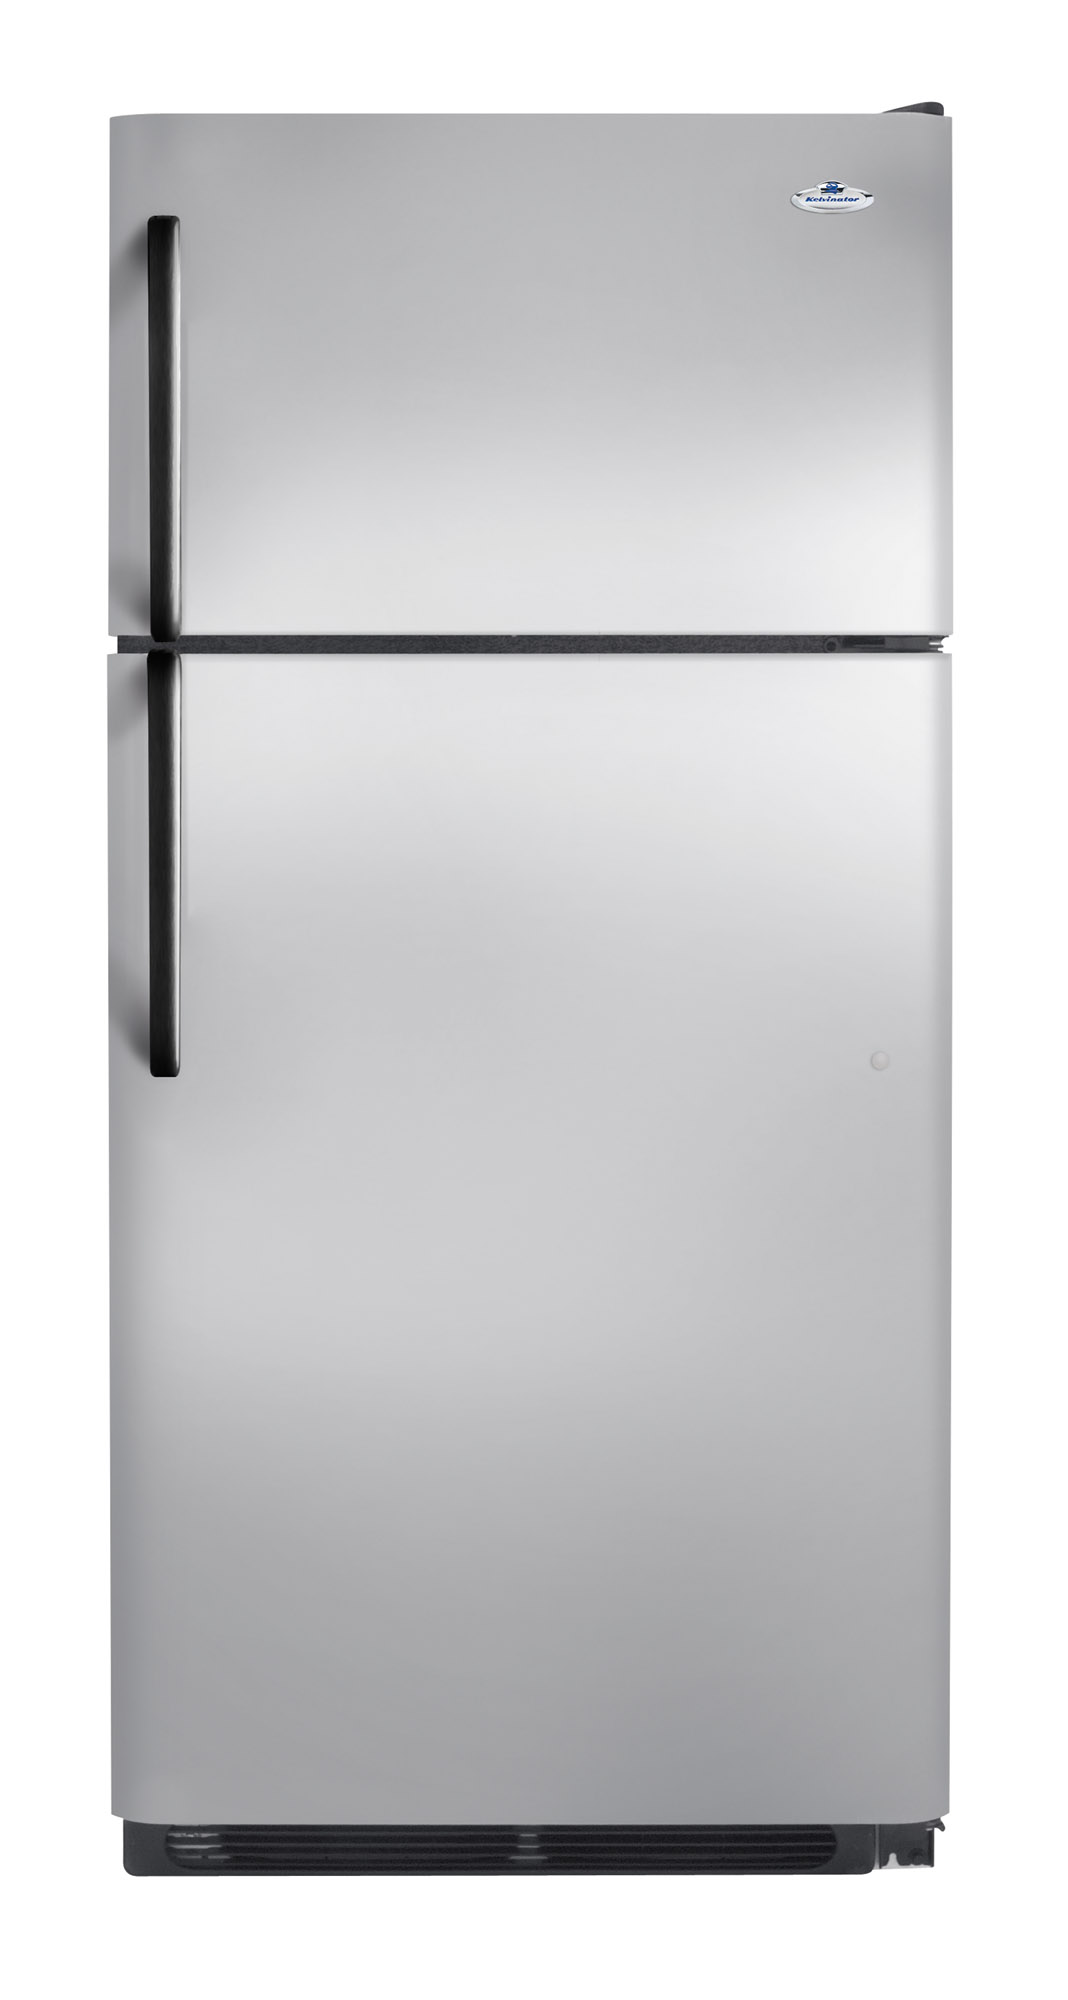 Kelvinator Refrigerator Model KATR1816PS0 Parts